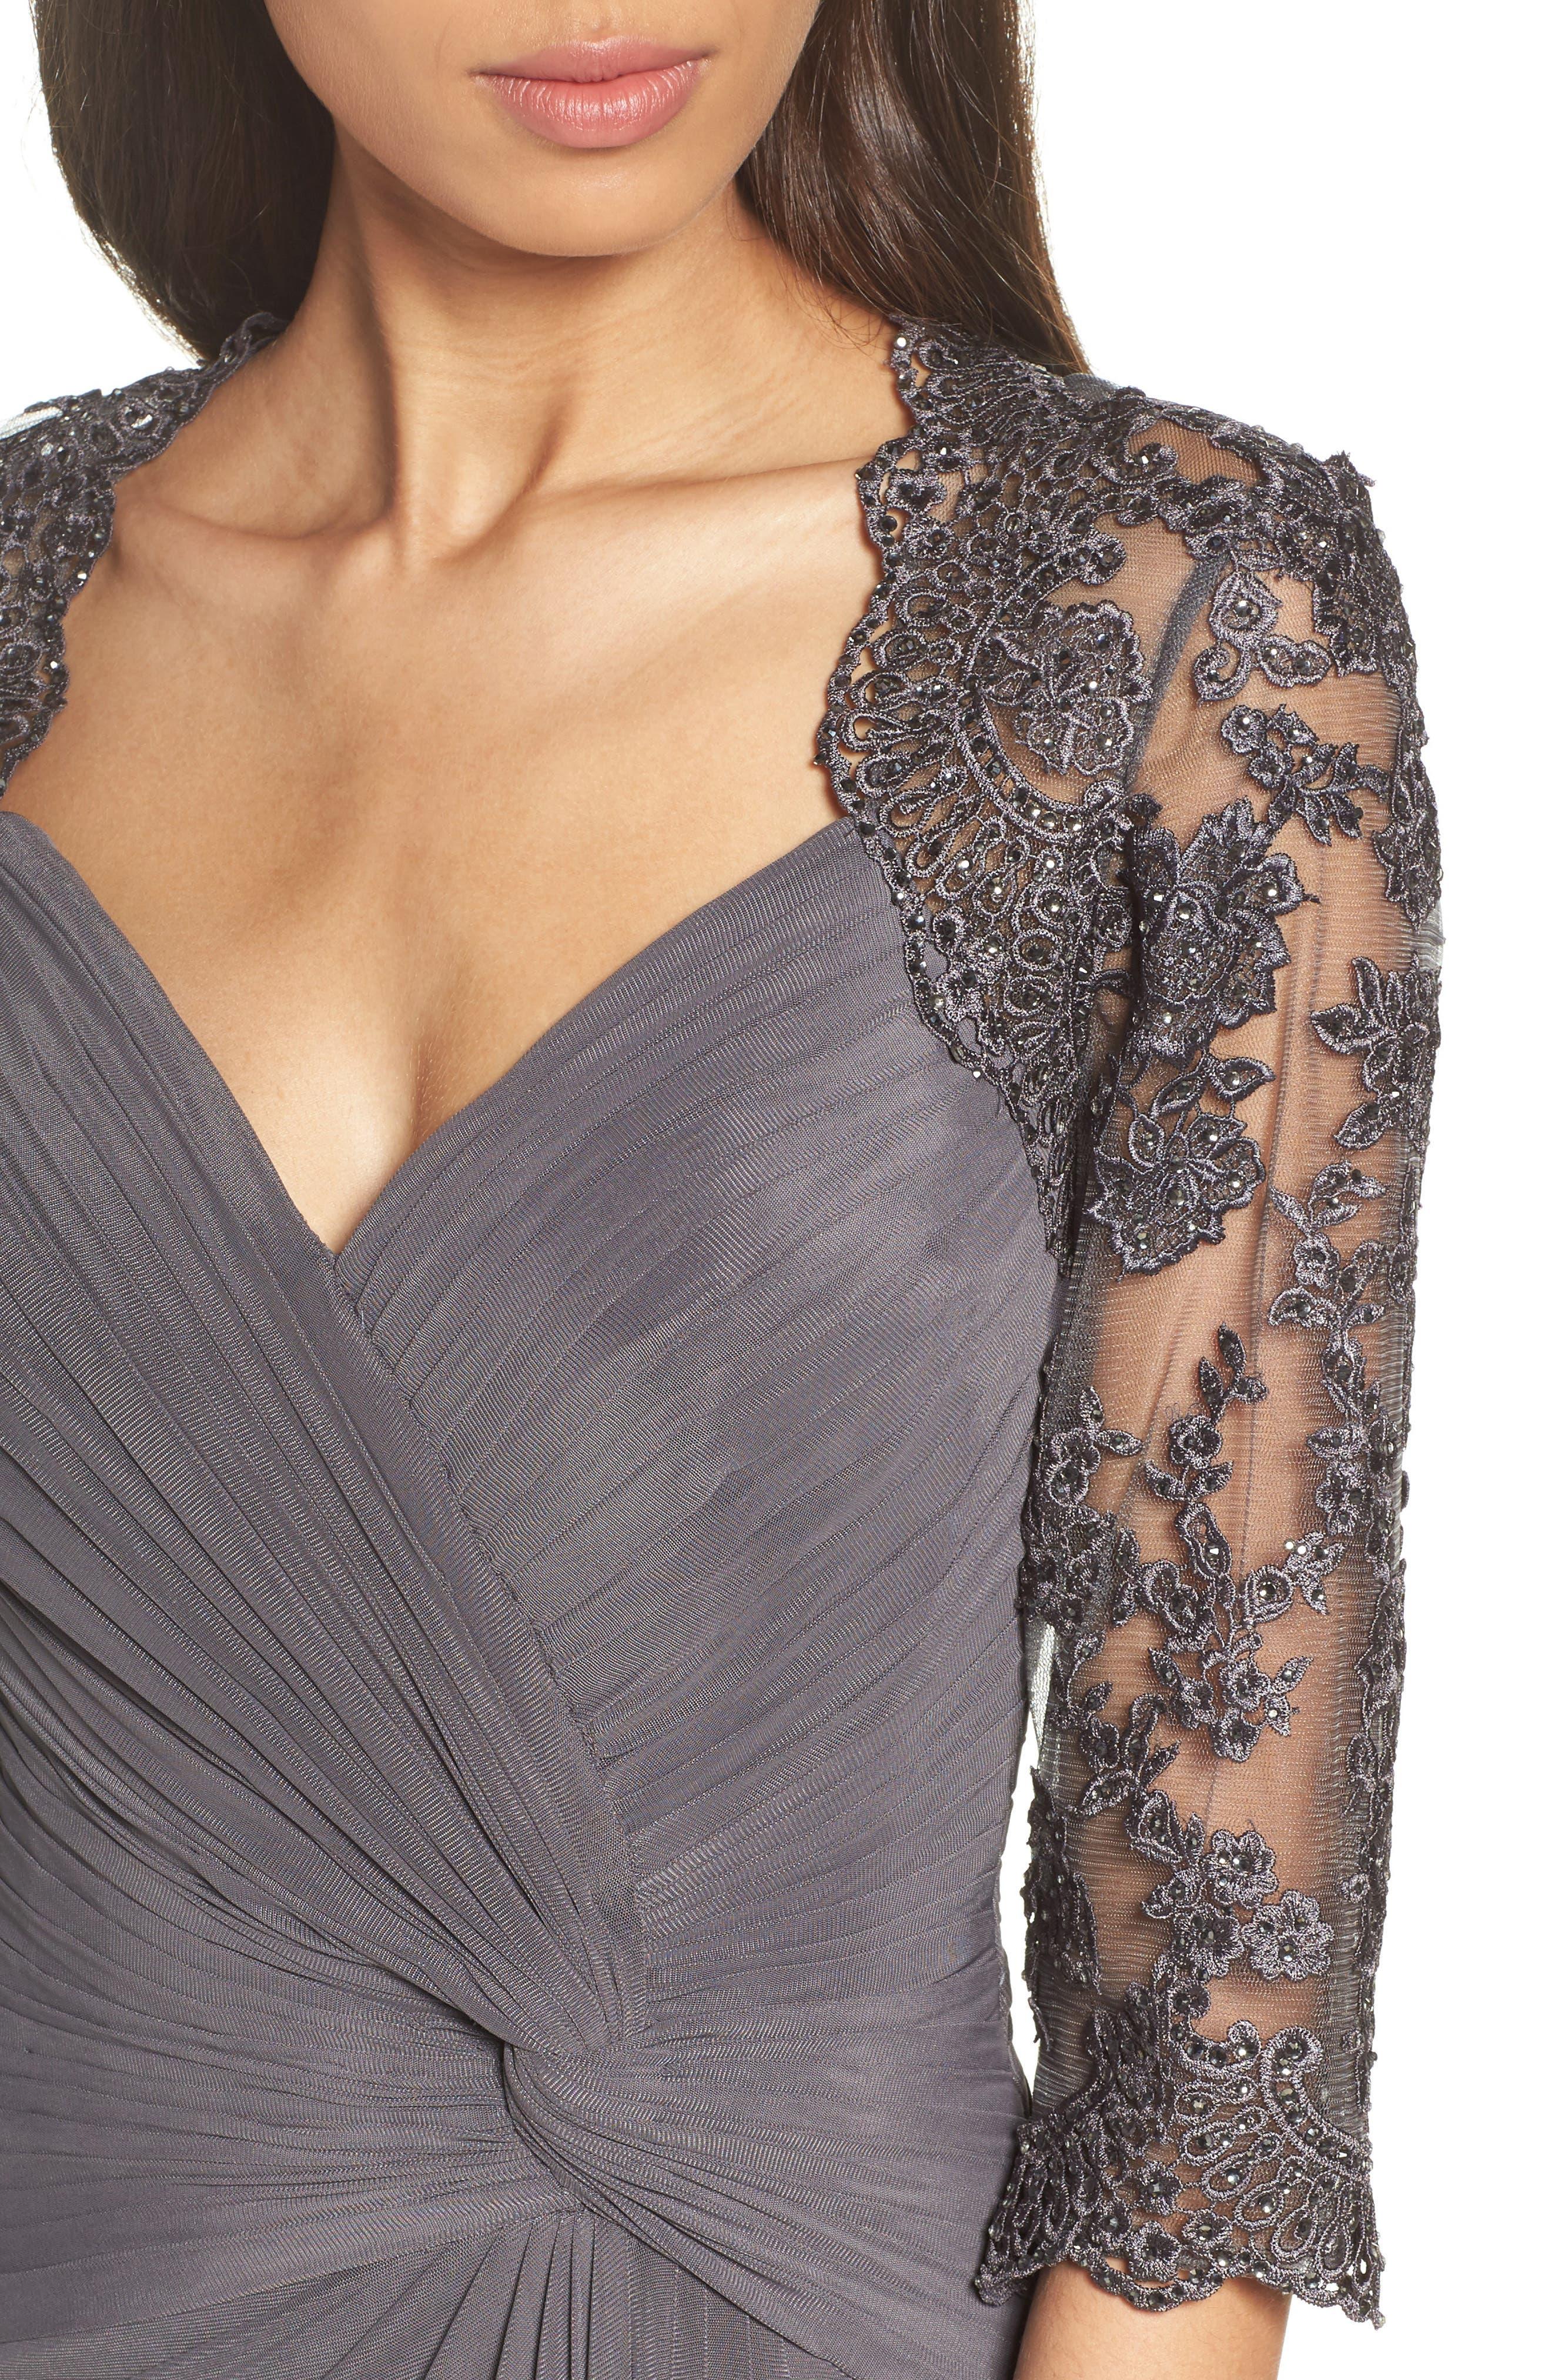 LA FEMME, Lace & Net Ruched Twist Front Gown, Alternate thumbnail 4, color, GUNMETAL